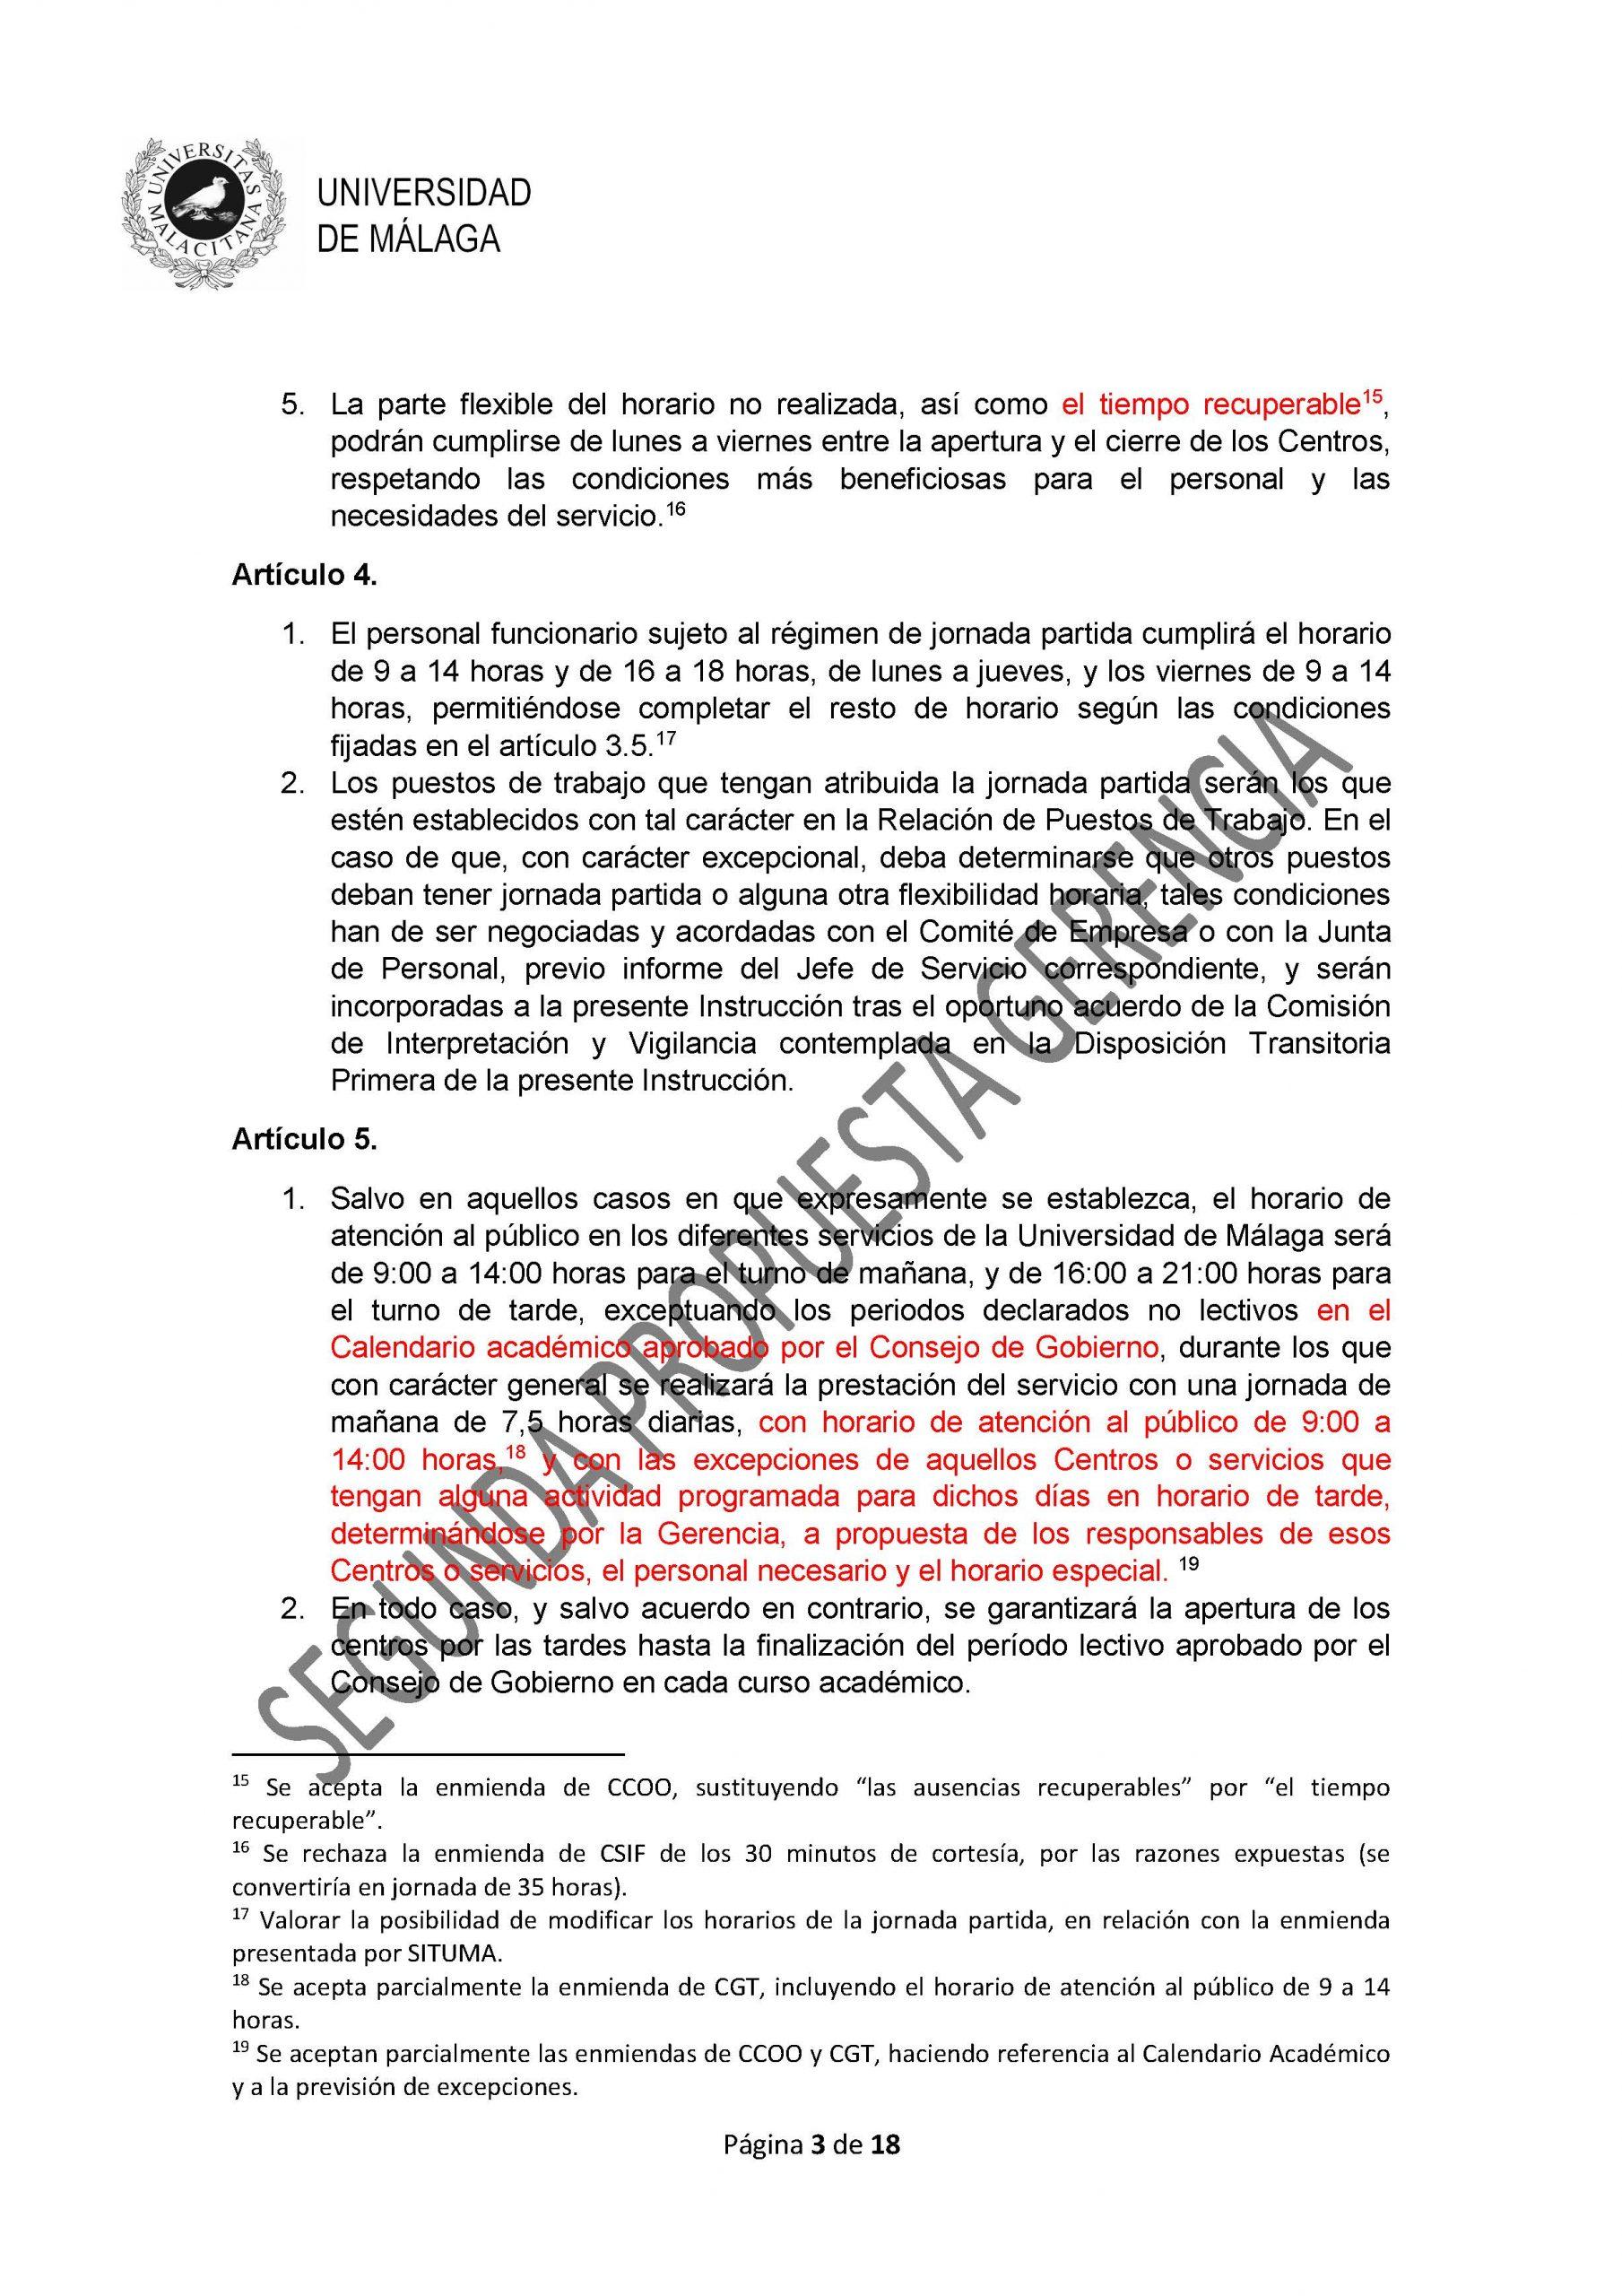 instruccion_interna_segunda_propuesta_gerencia_pgina_03